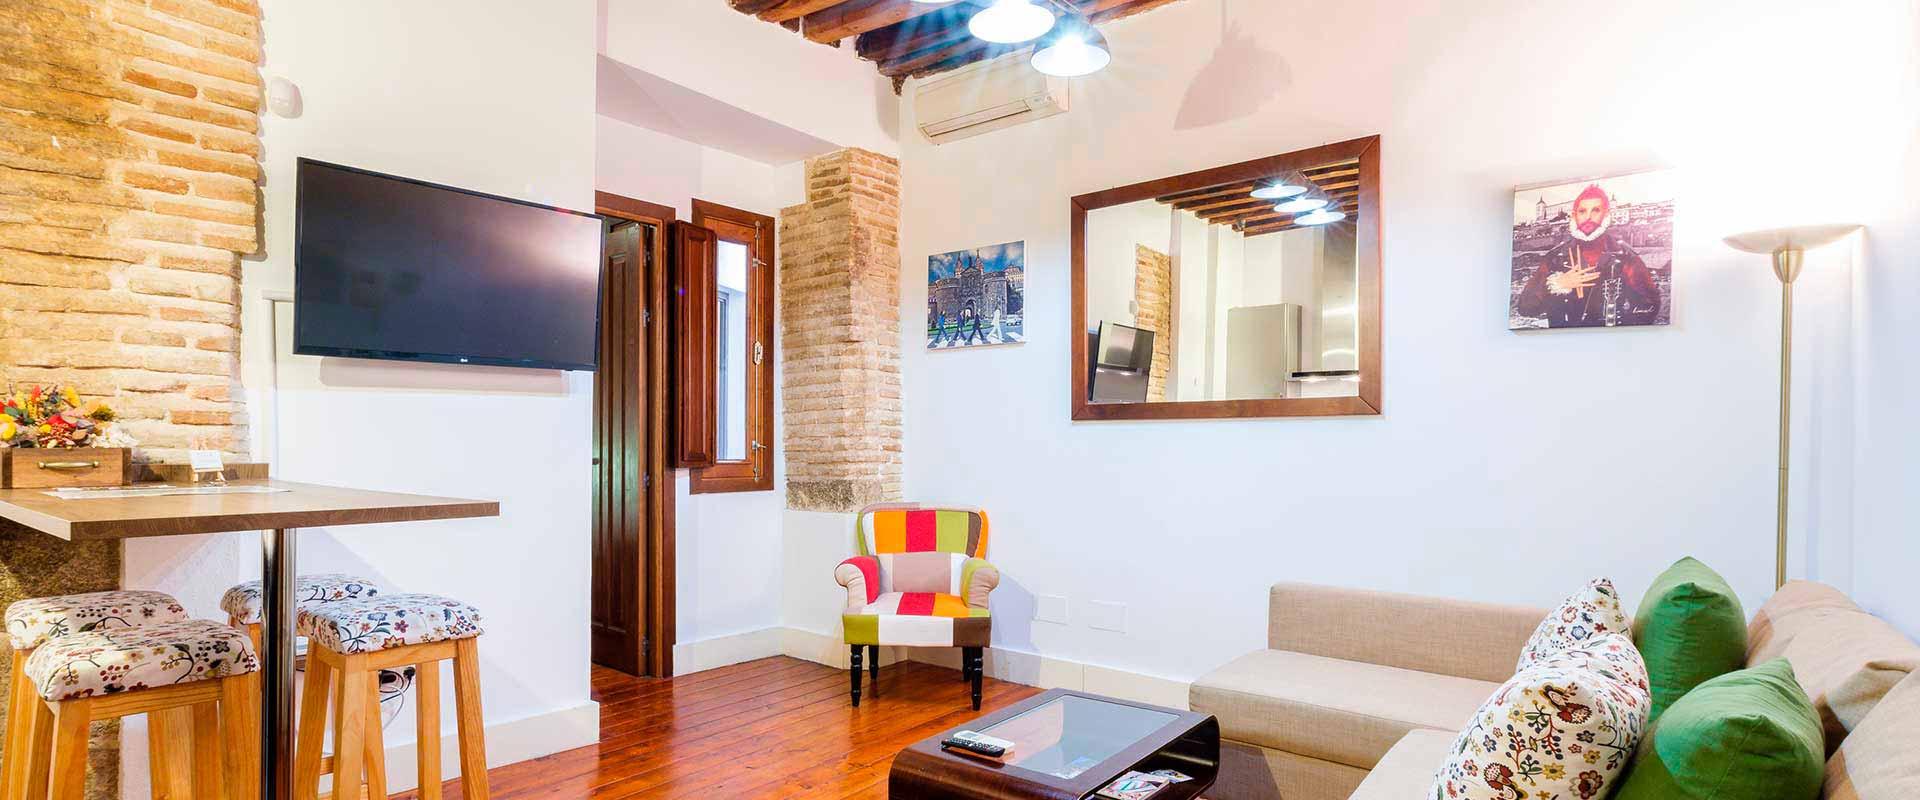 apartamentoconpatio 1 - Alojamiento para empresas en Toledo - Toledo Ap Alojamientos turísticos